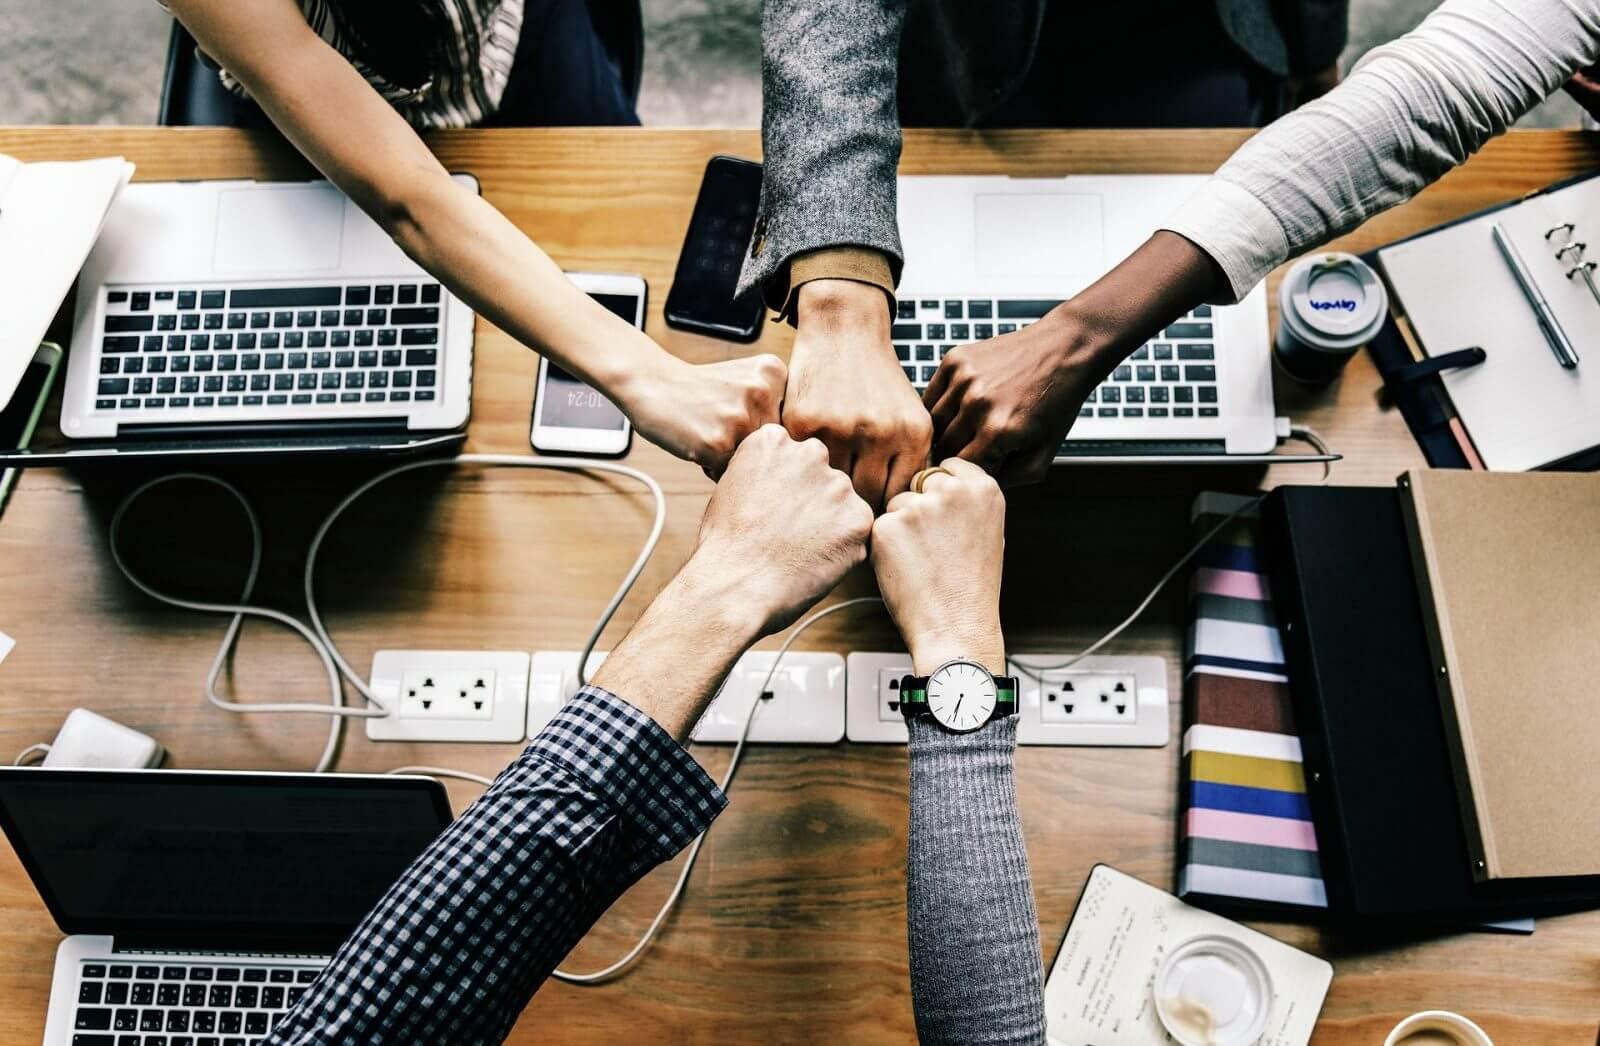 BetterStudy, les ingrédients d'un succès entrepreneurial